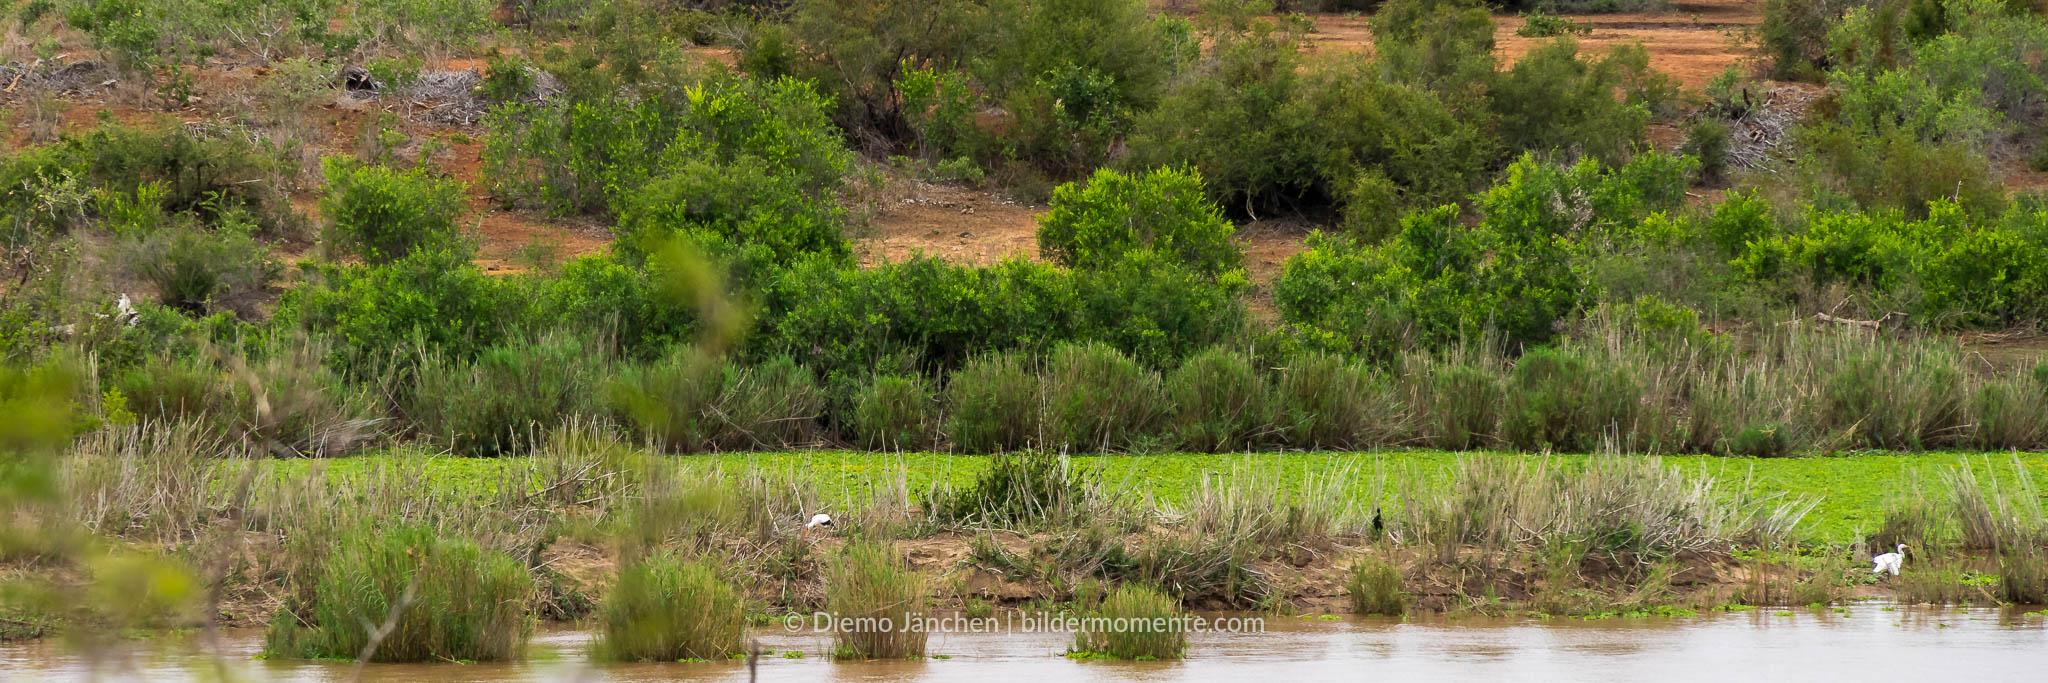 Ufer des Limpopo im Kruger National Park mit Störchen und Kuhre